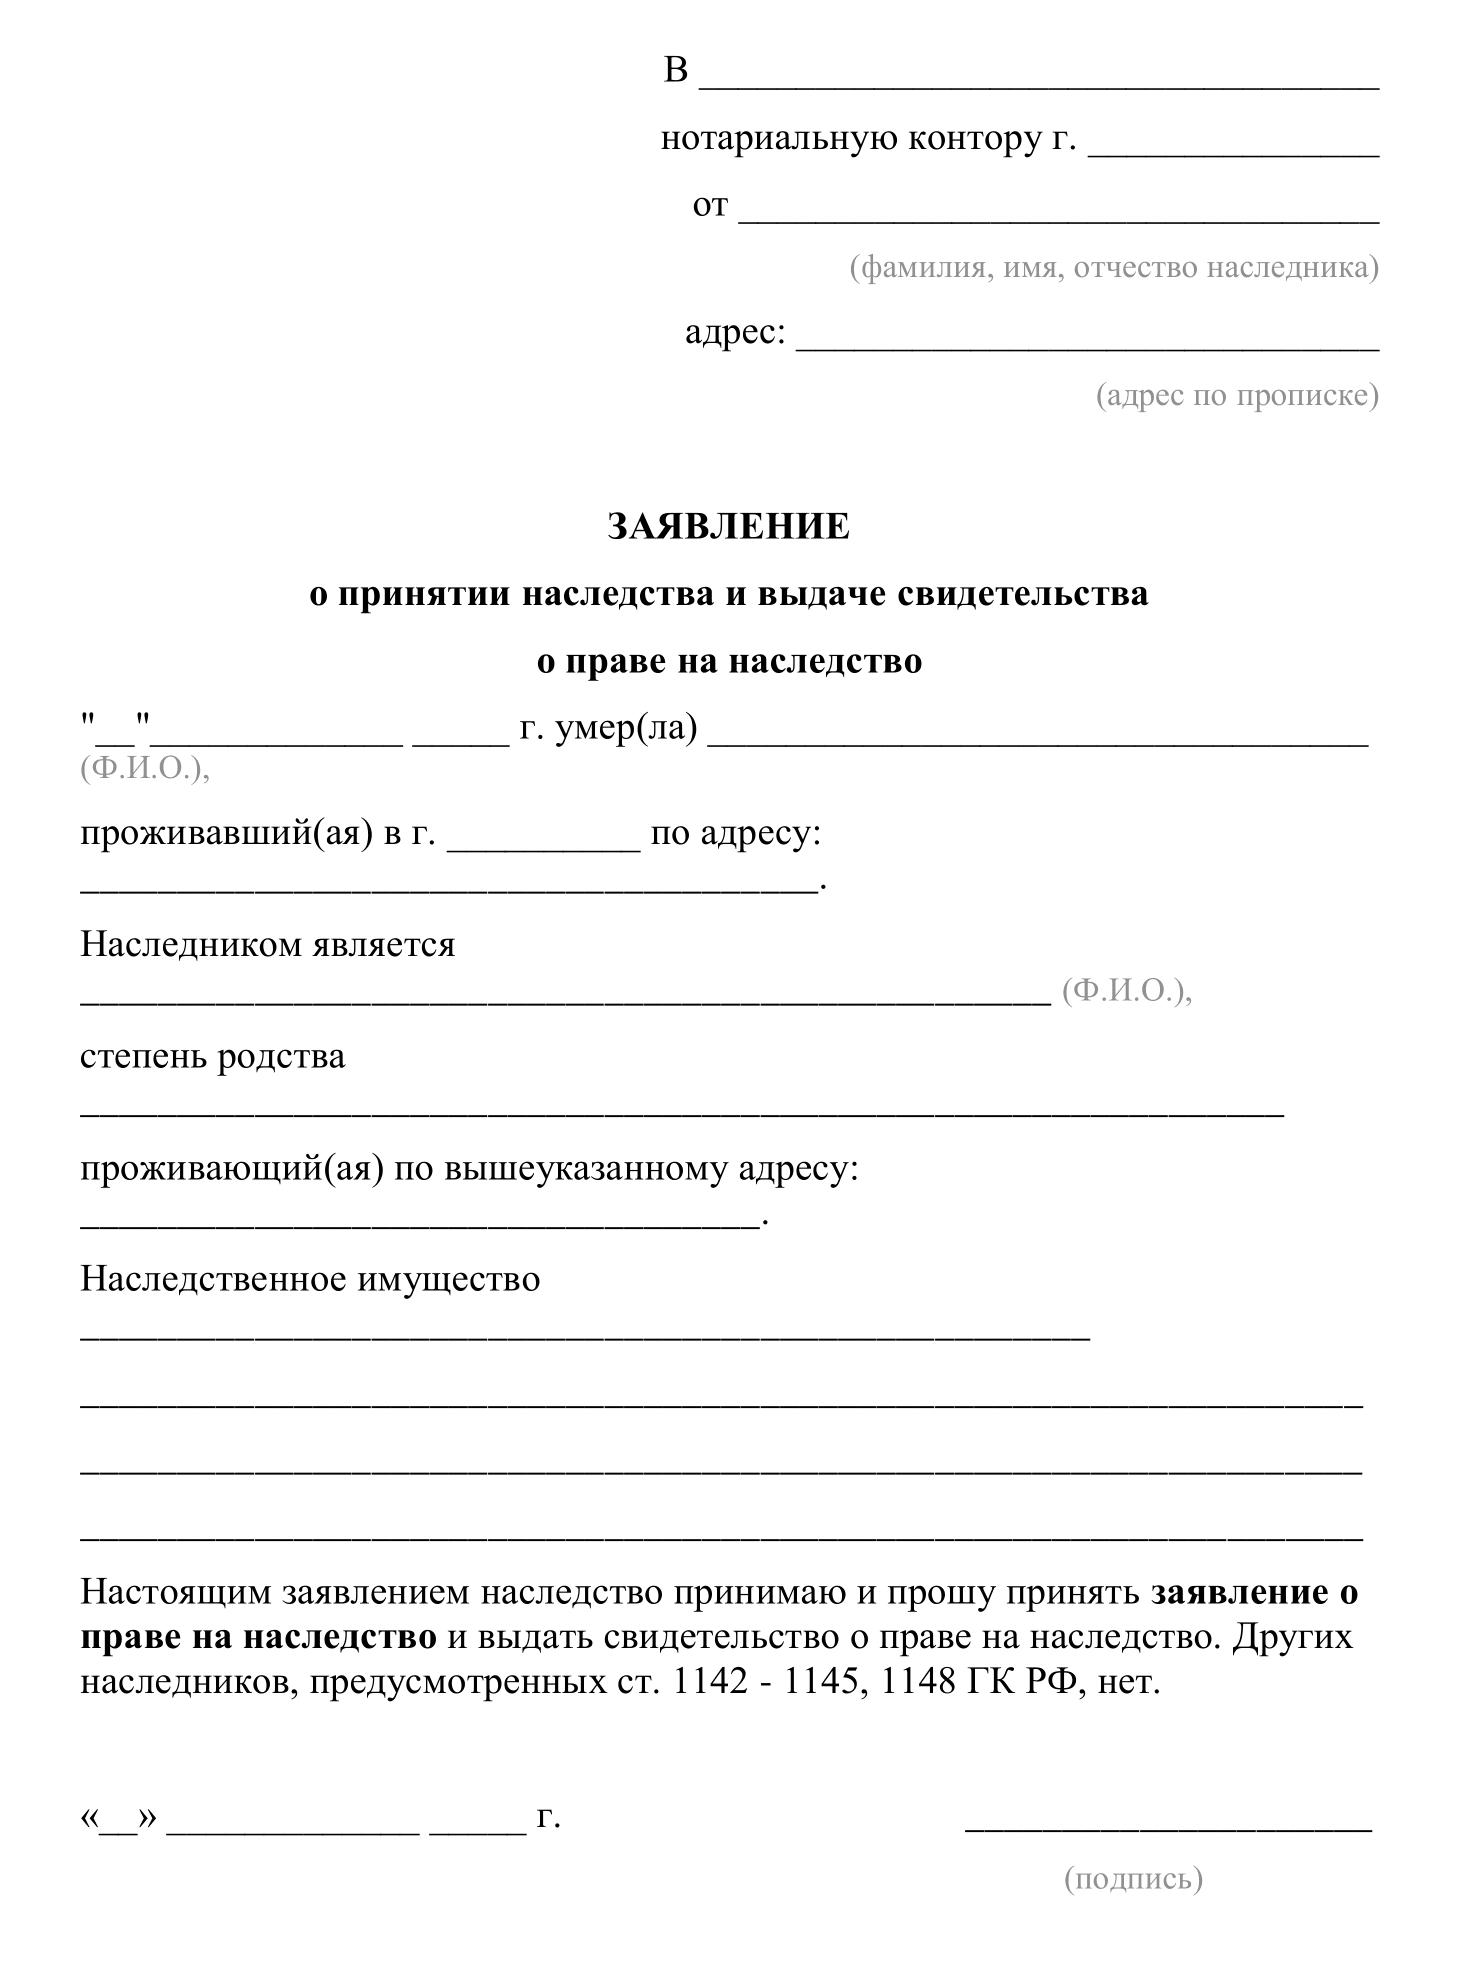 Заявление о принятии наследства и выдаче свидетельства о праве на наследство